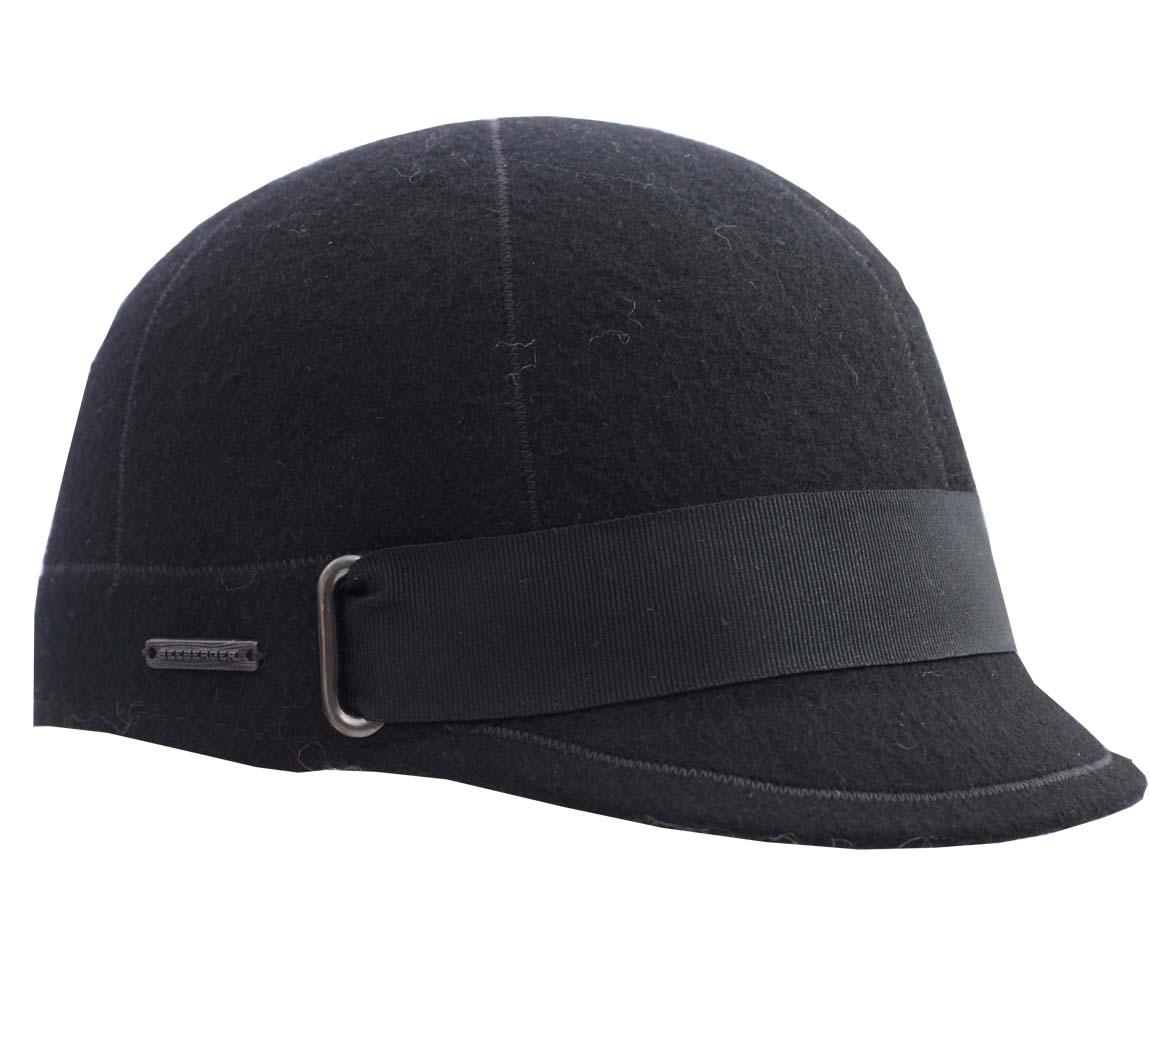 chapeaux et casquettes femmes. Black Bedroom Furniture Sets. Home Design Ideas